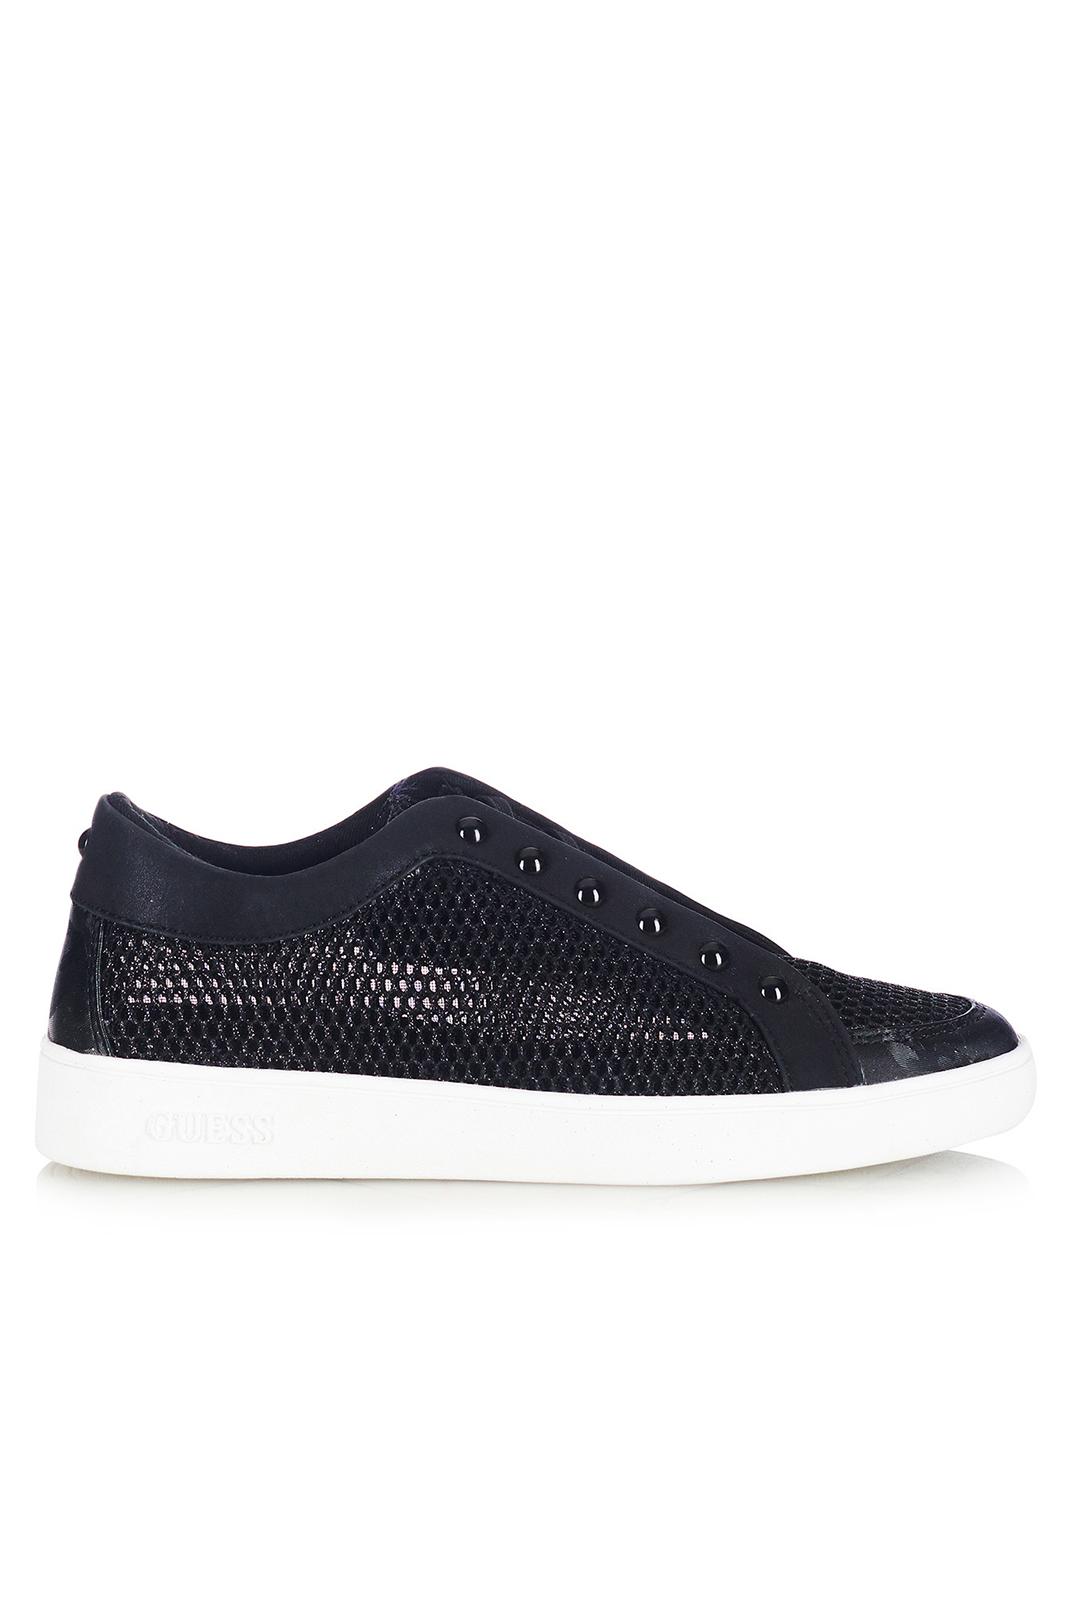 Baskets / Sneakers  Guess jeans FLIEA1 FAM12 BLACK